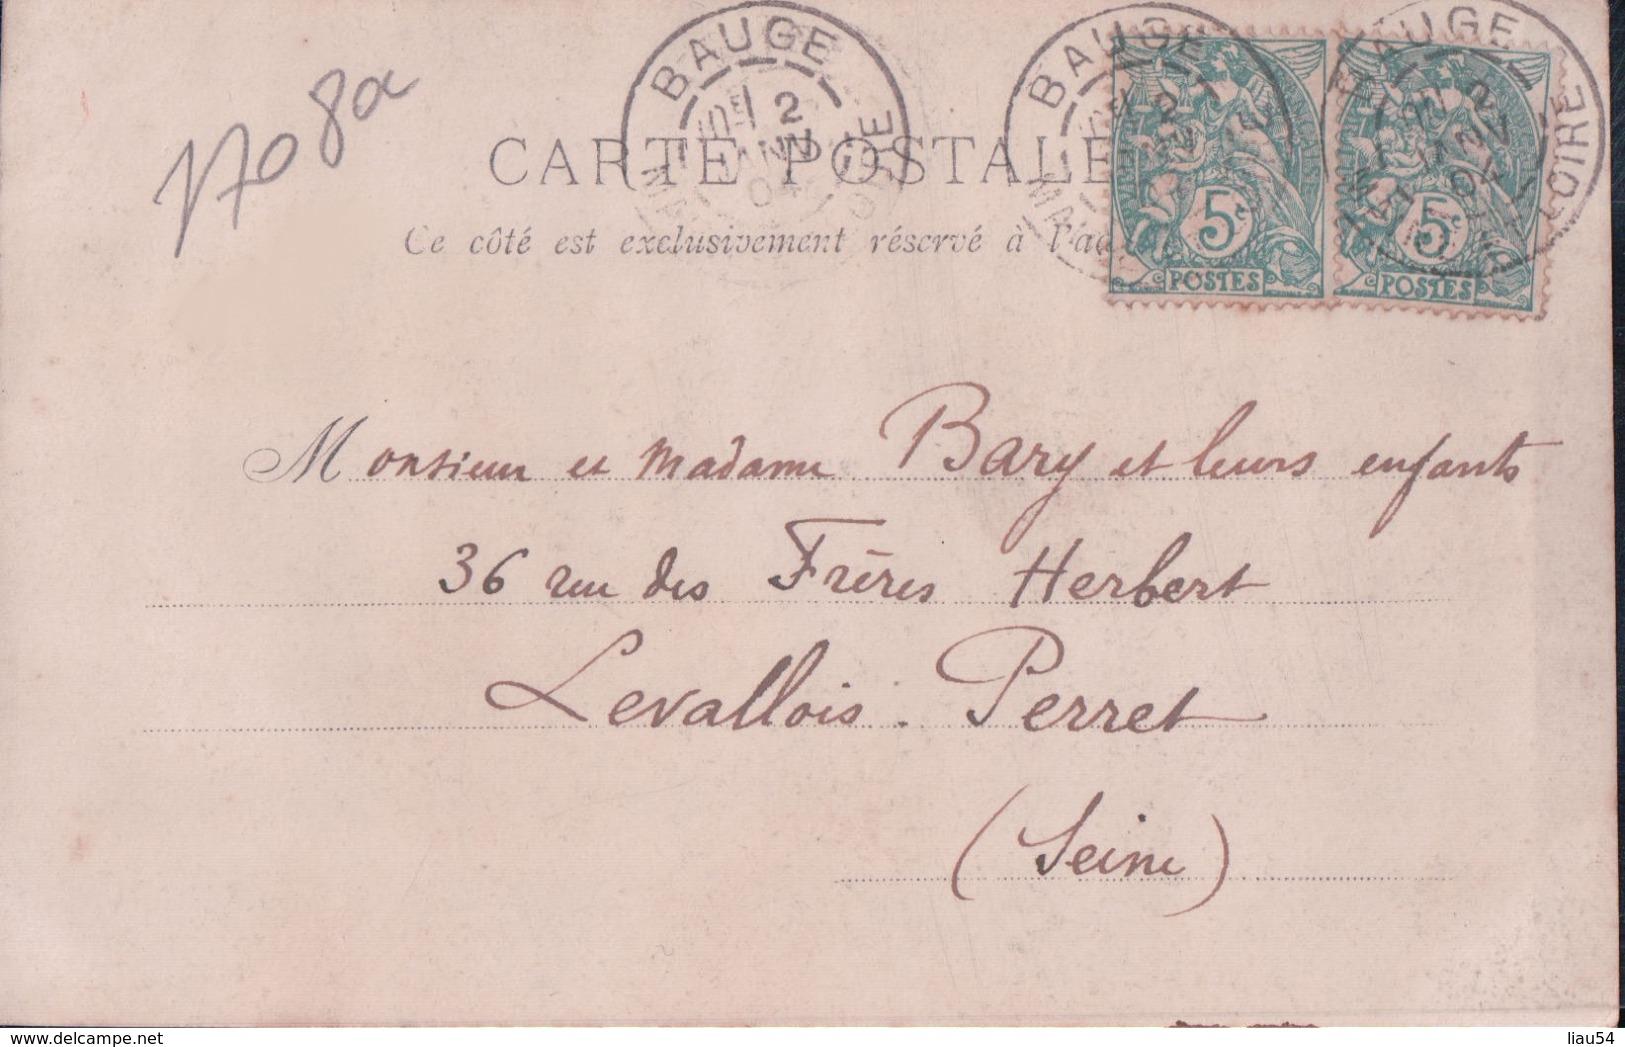 CARTE-PHOTO BAUGE 1904 - France